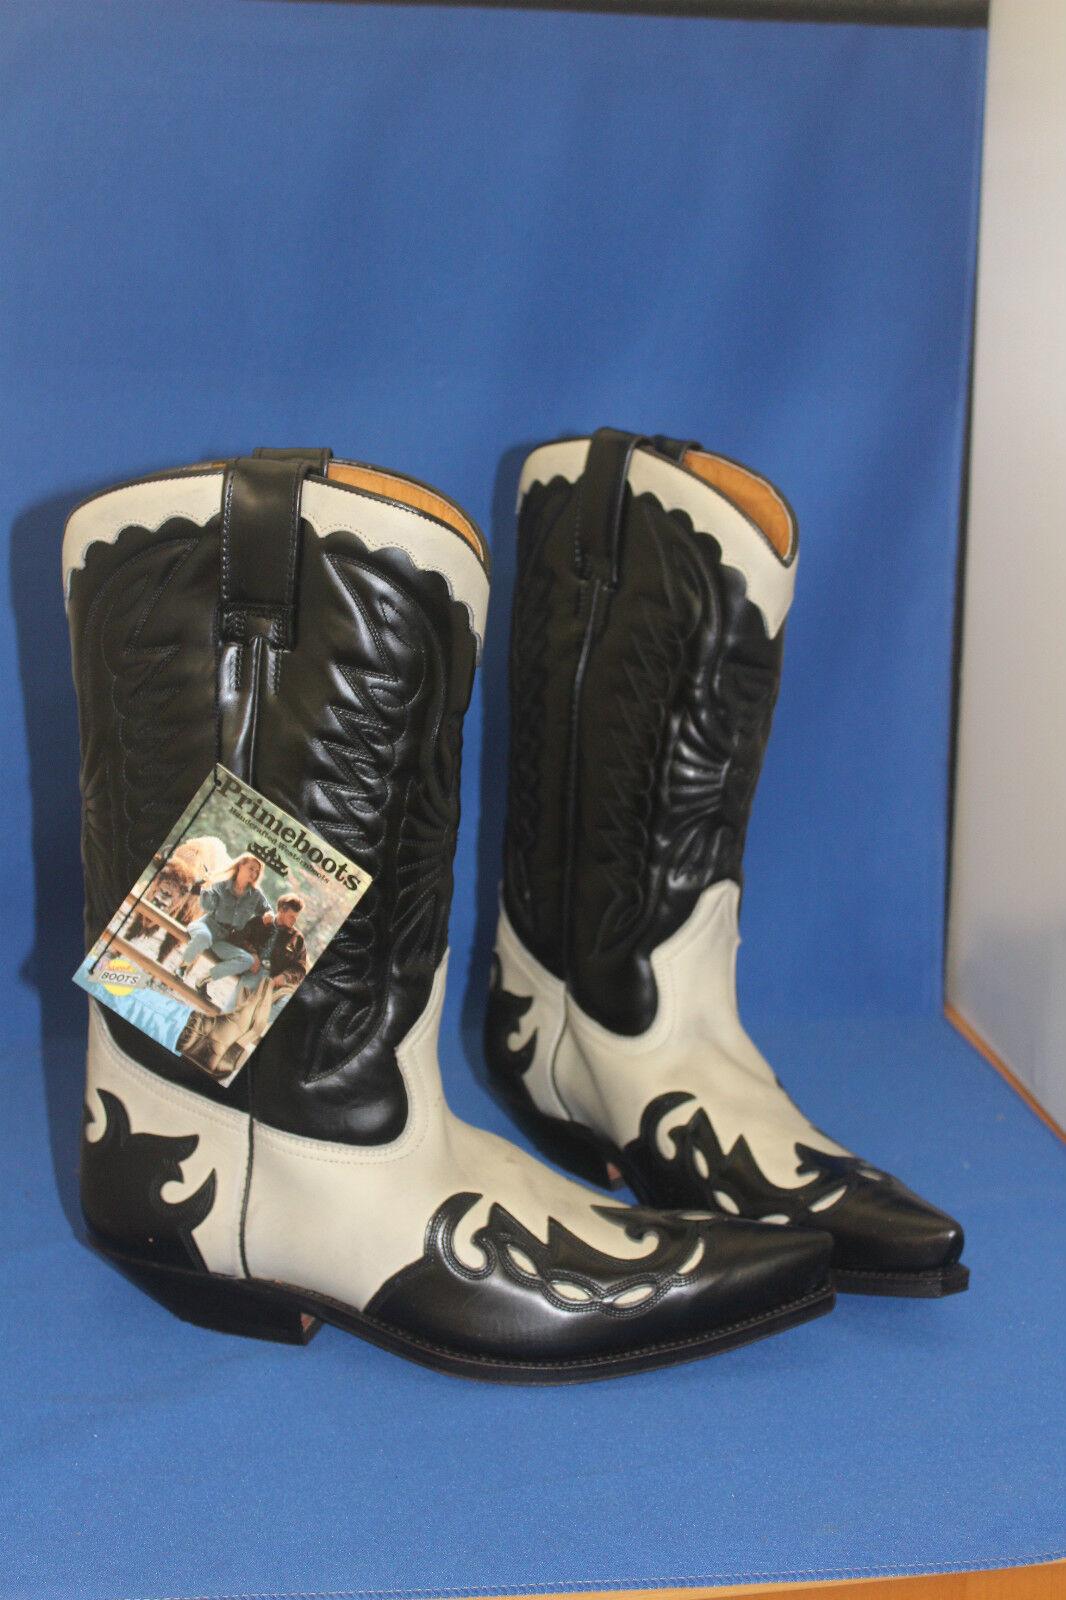 Prime Stiefel weiss  cowboystiefel westernstiefel schwarz weiss Stiefel leder handmade  gr. 41 5c5605